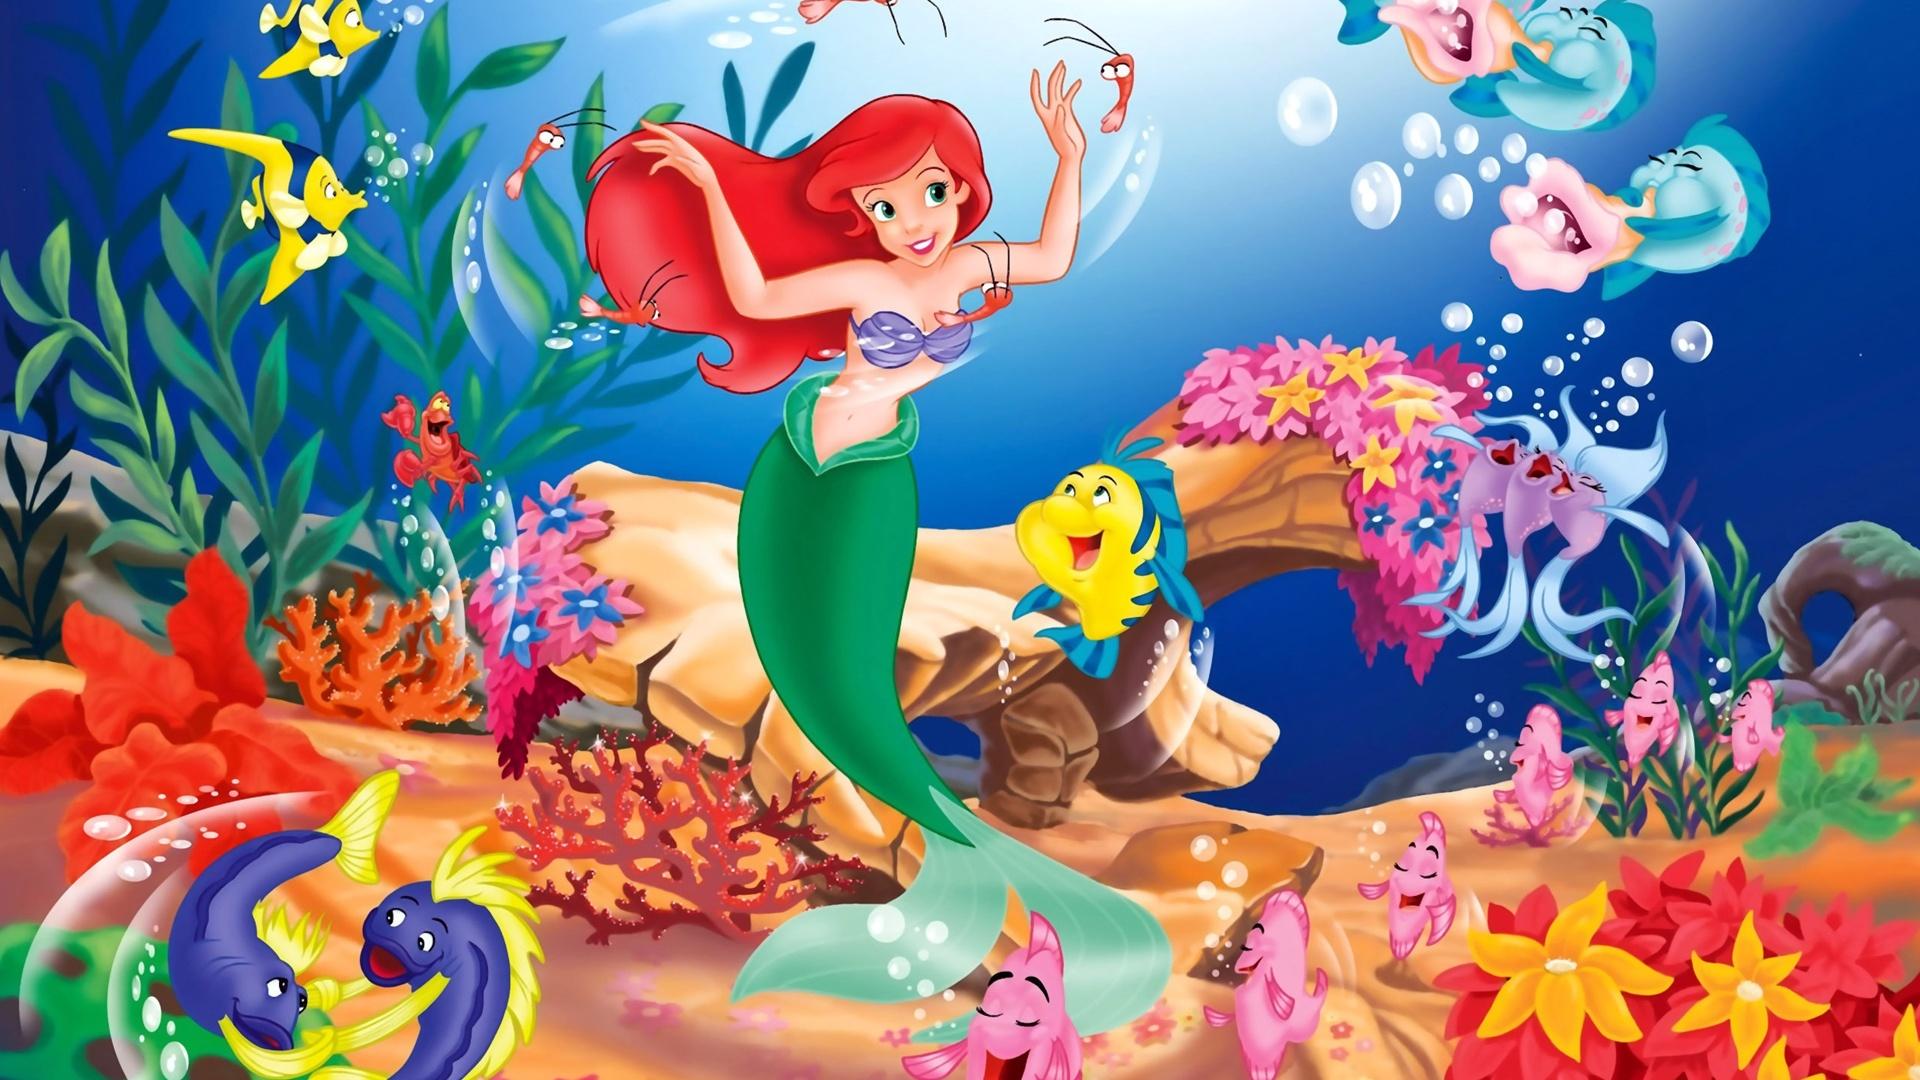 Disney The Little Mermaid Wallpapers HD 19201080 HD Desktop 1920x1080